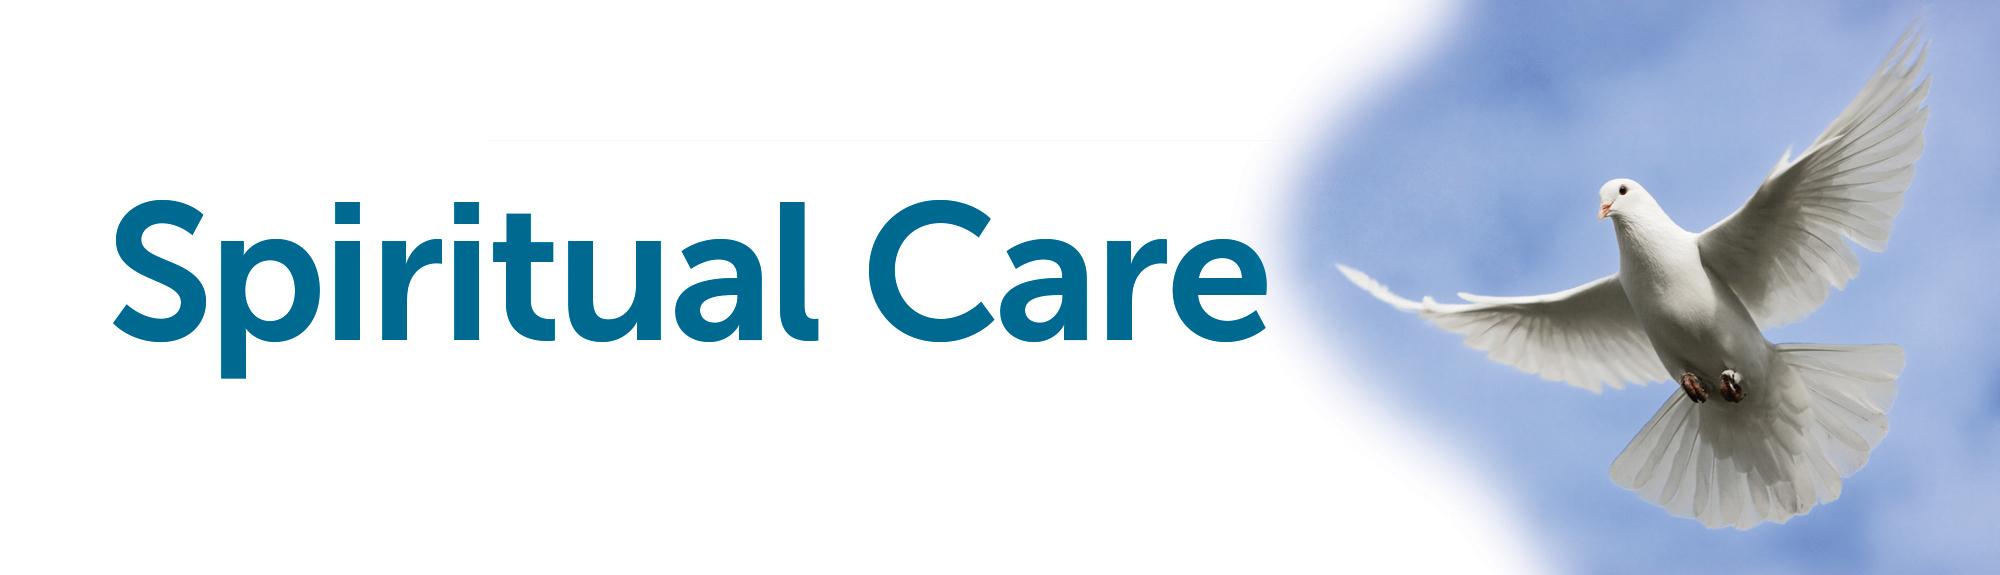 Spritual Care Bannernew